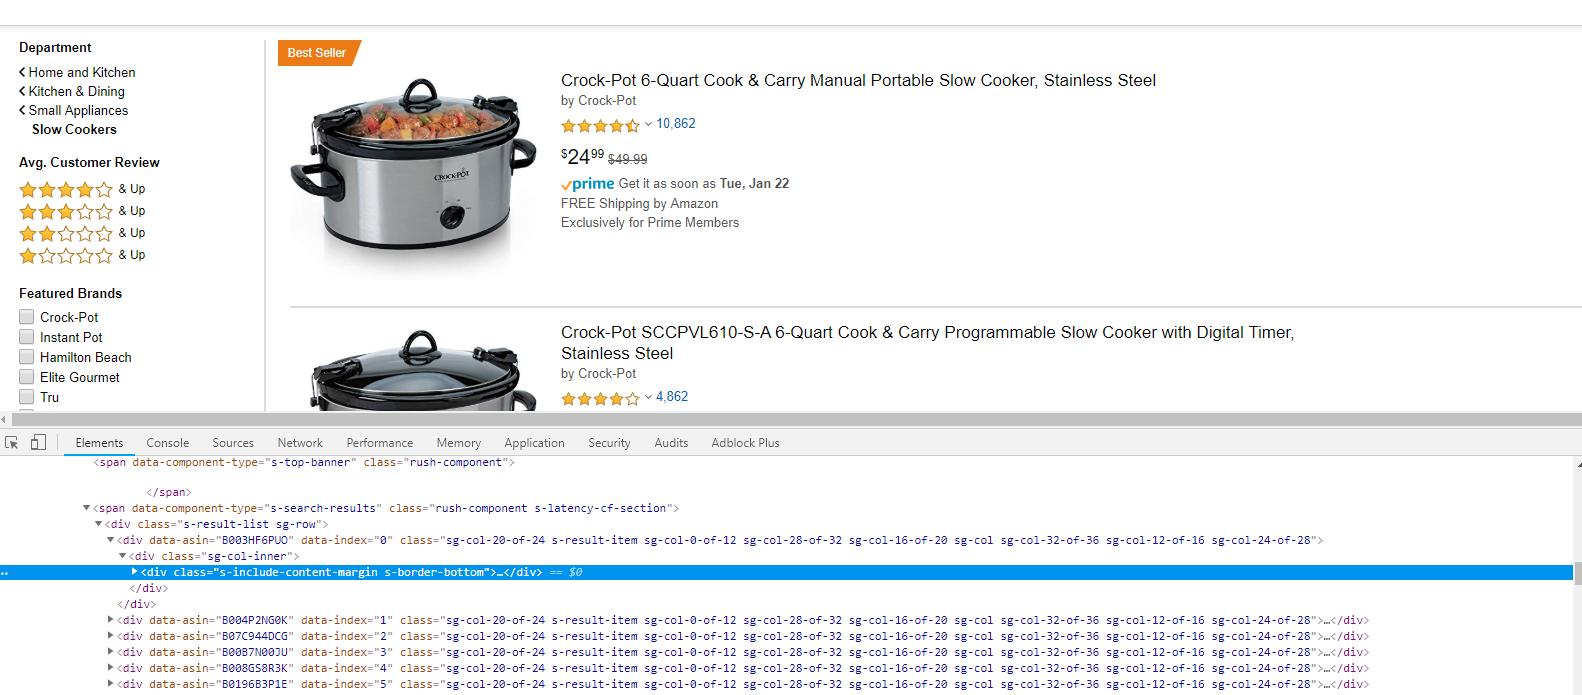 Выбираем листинг товара на Amazon